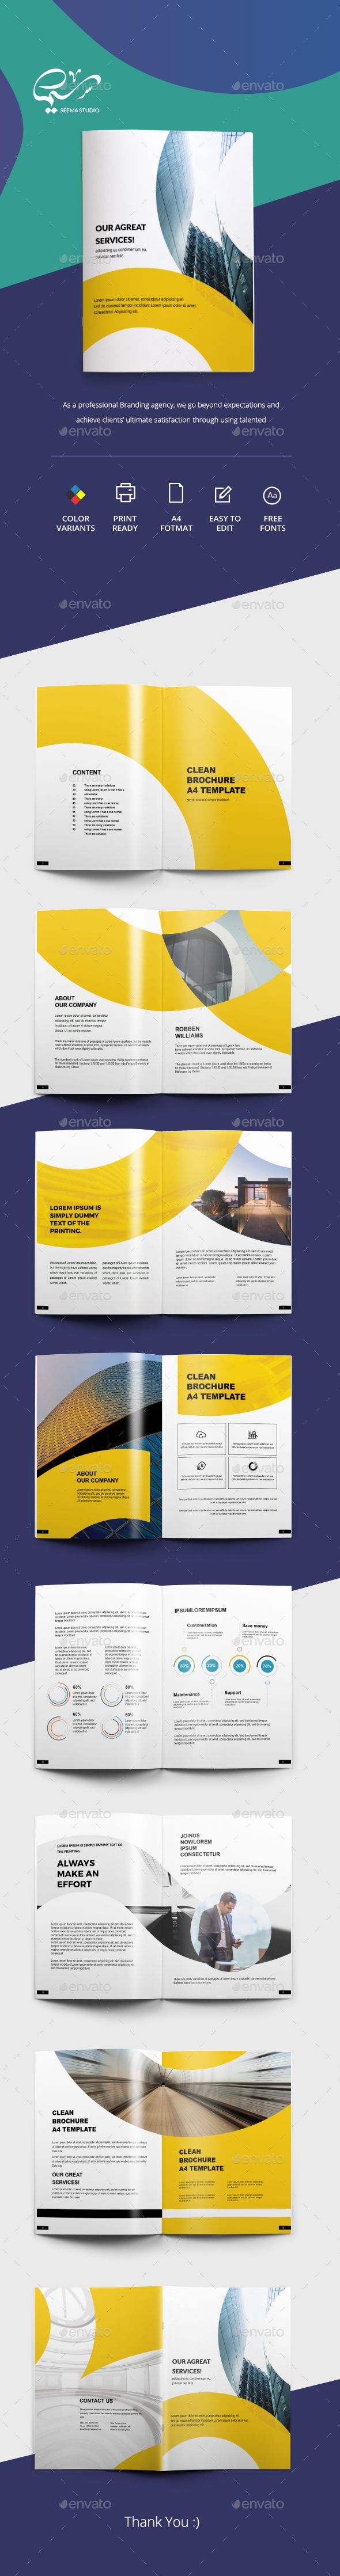 Business Brochure | Tríptico, Folletos y Diseño editorial